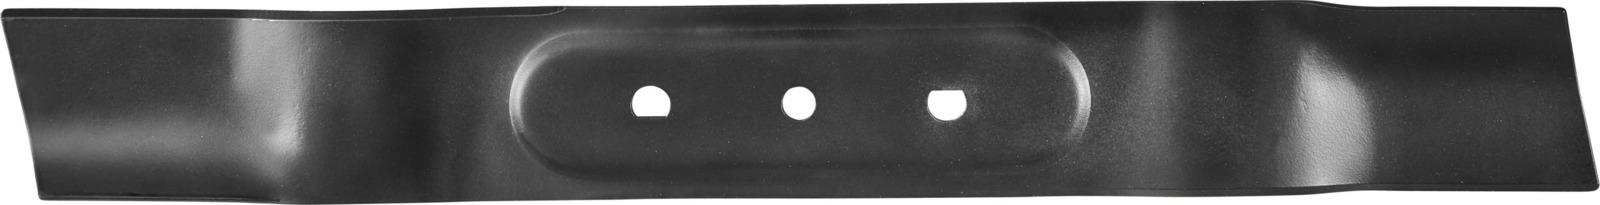 Нож запасной Gardena, Б0040015, для газонокосилки аккумуляторной PowerMa, Li-40/41, черный нож для газонокосилки makita 671001427 elm4110